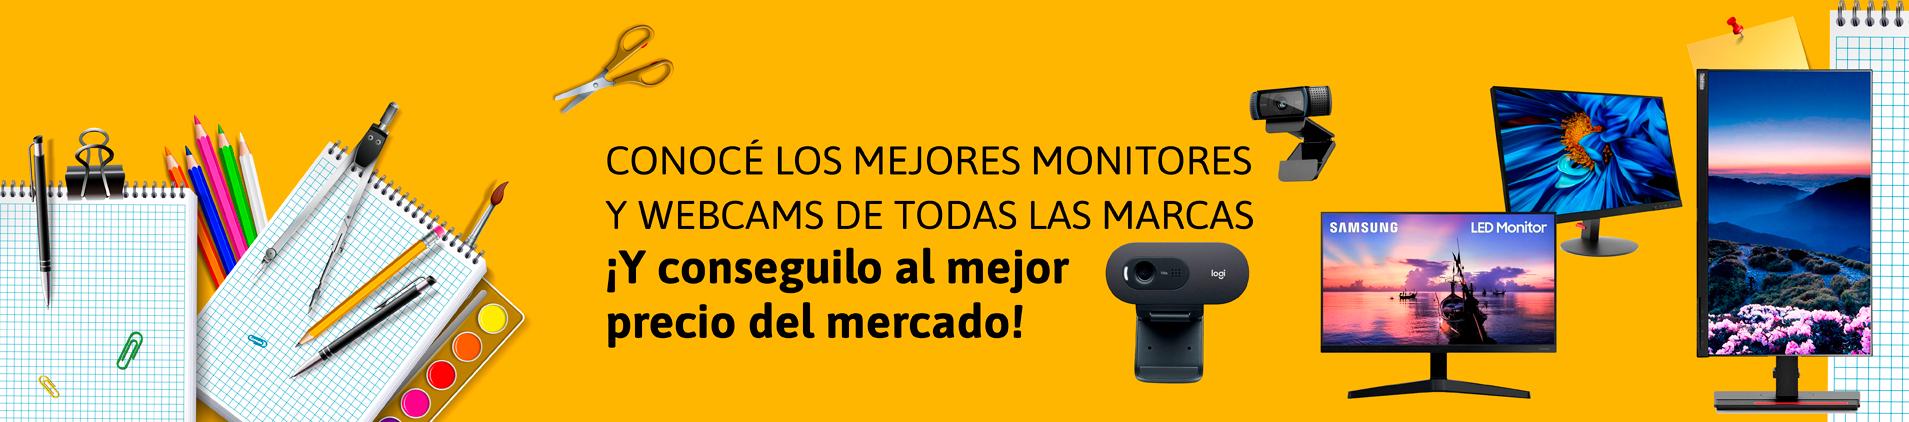 Monitores - Webcams